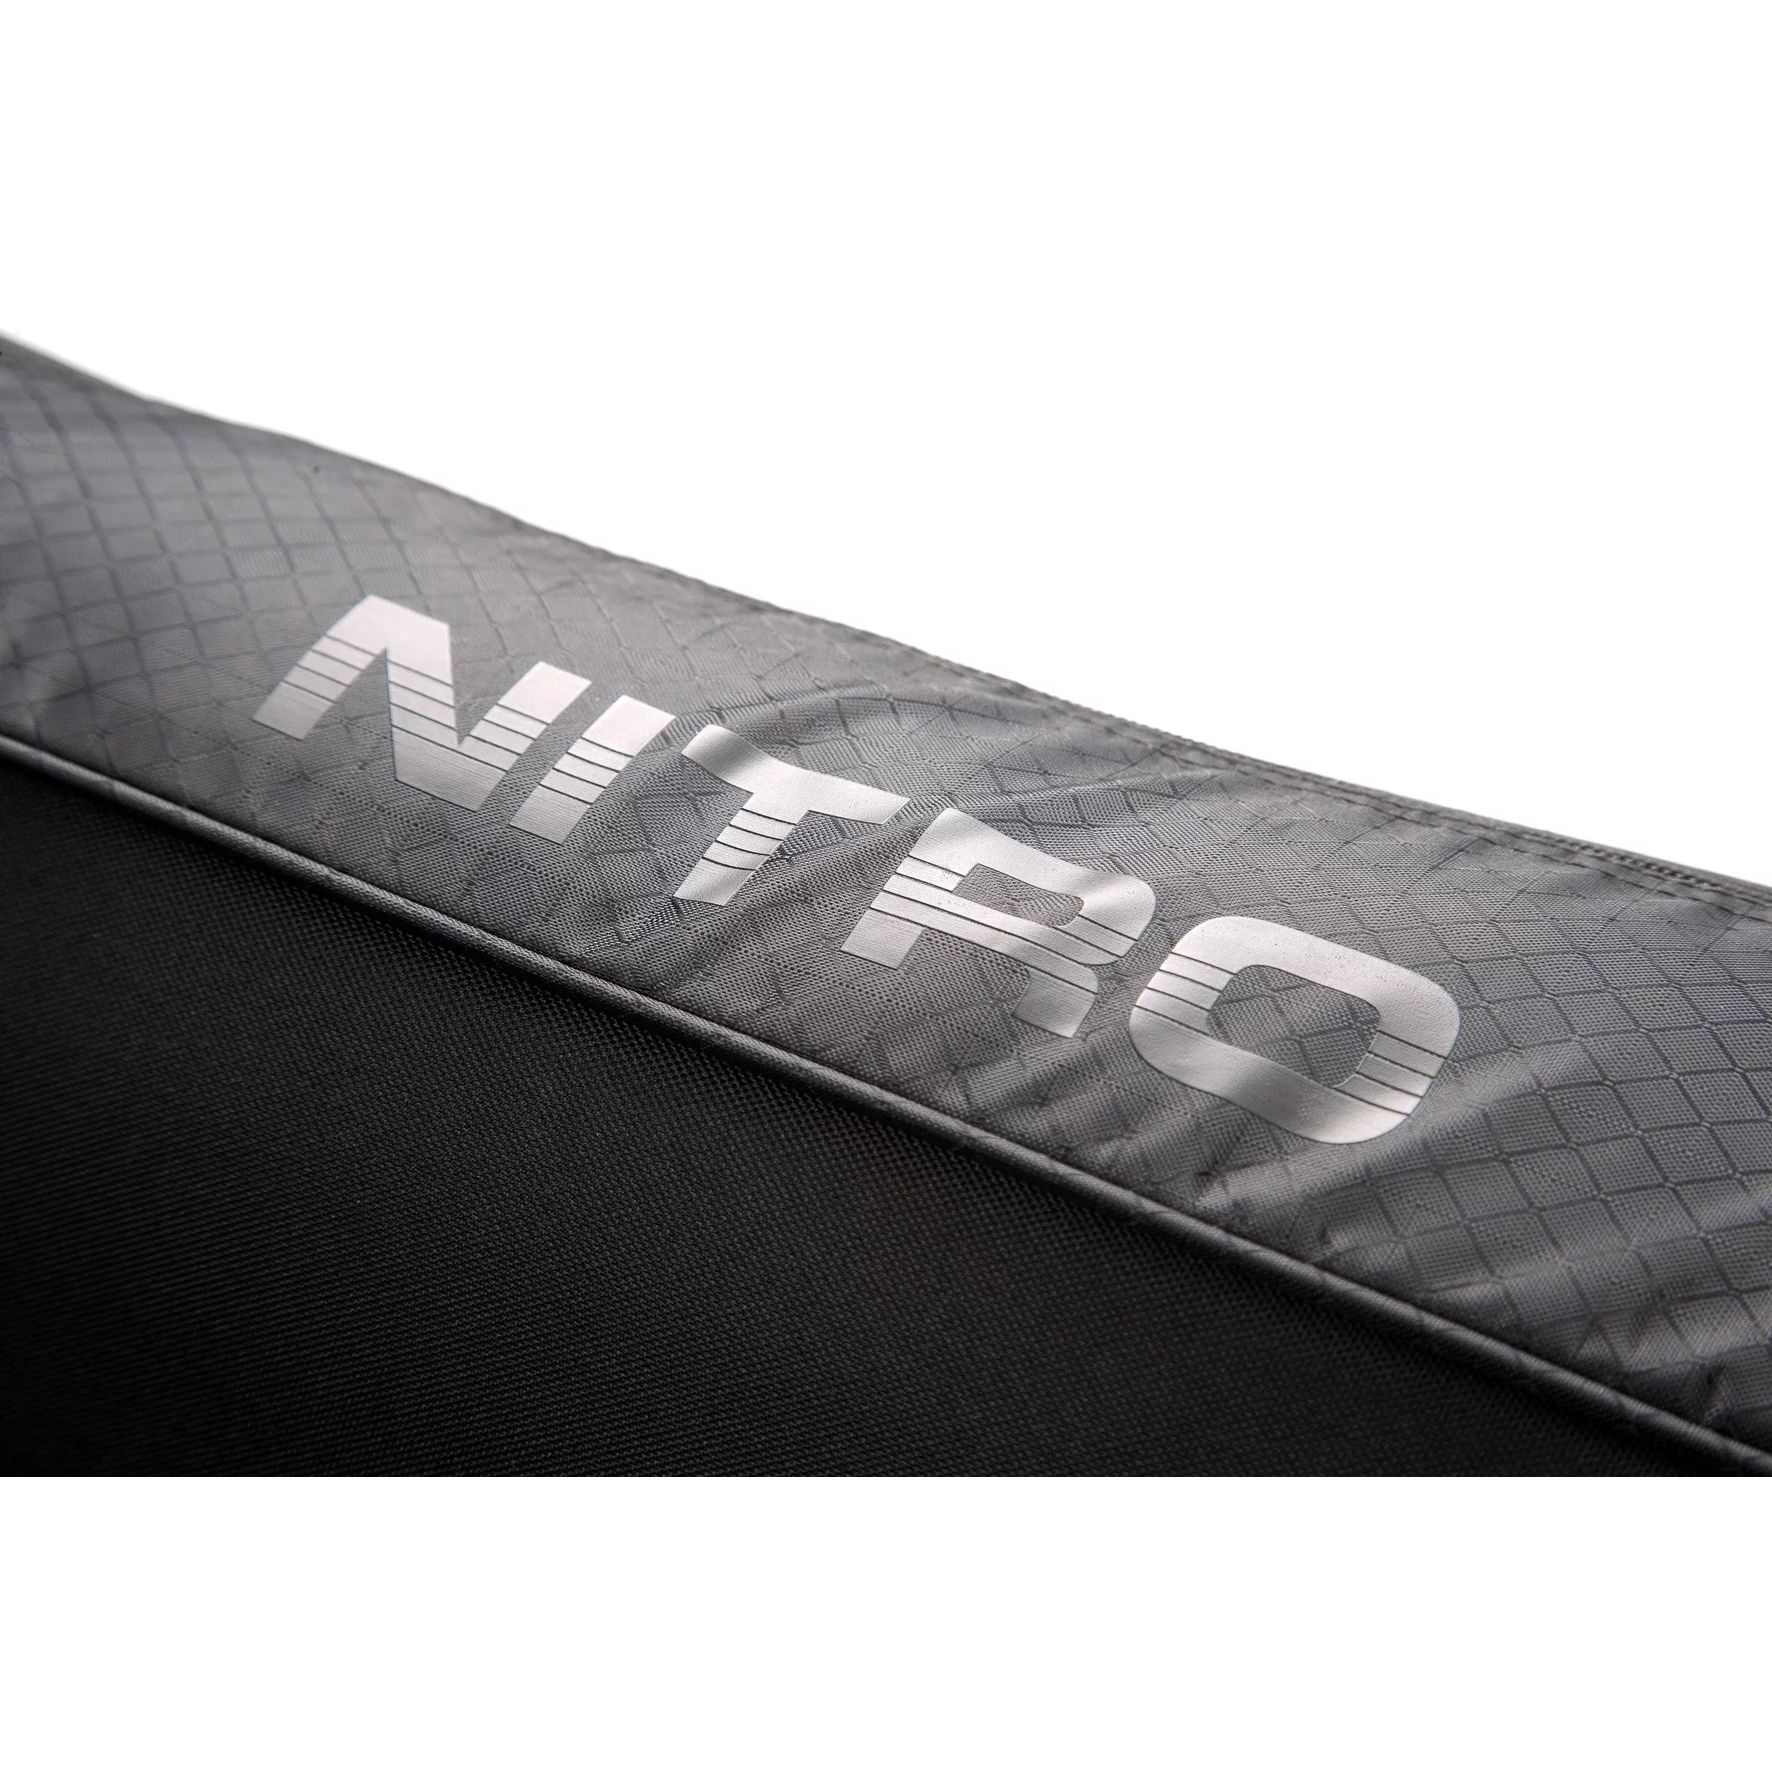 Huse Ski & Snow -  nitro Tracker Wheelie 165